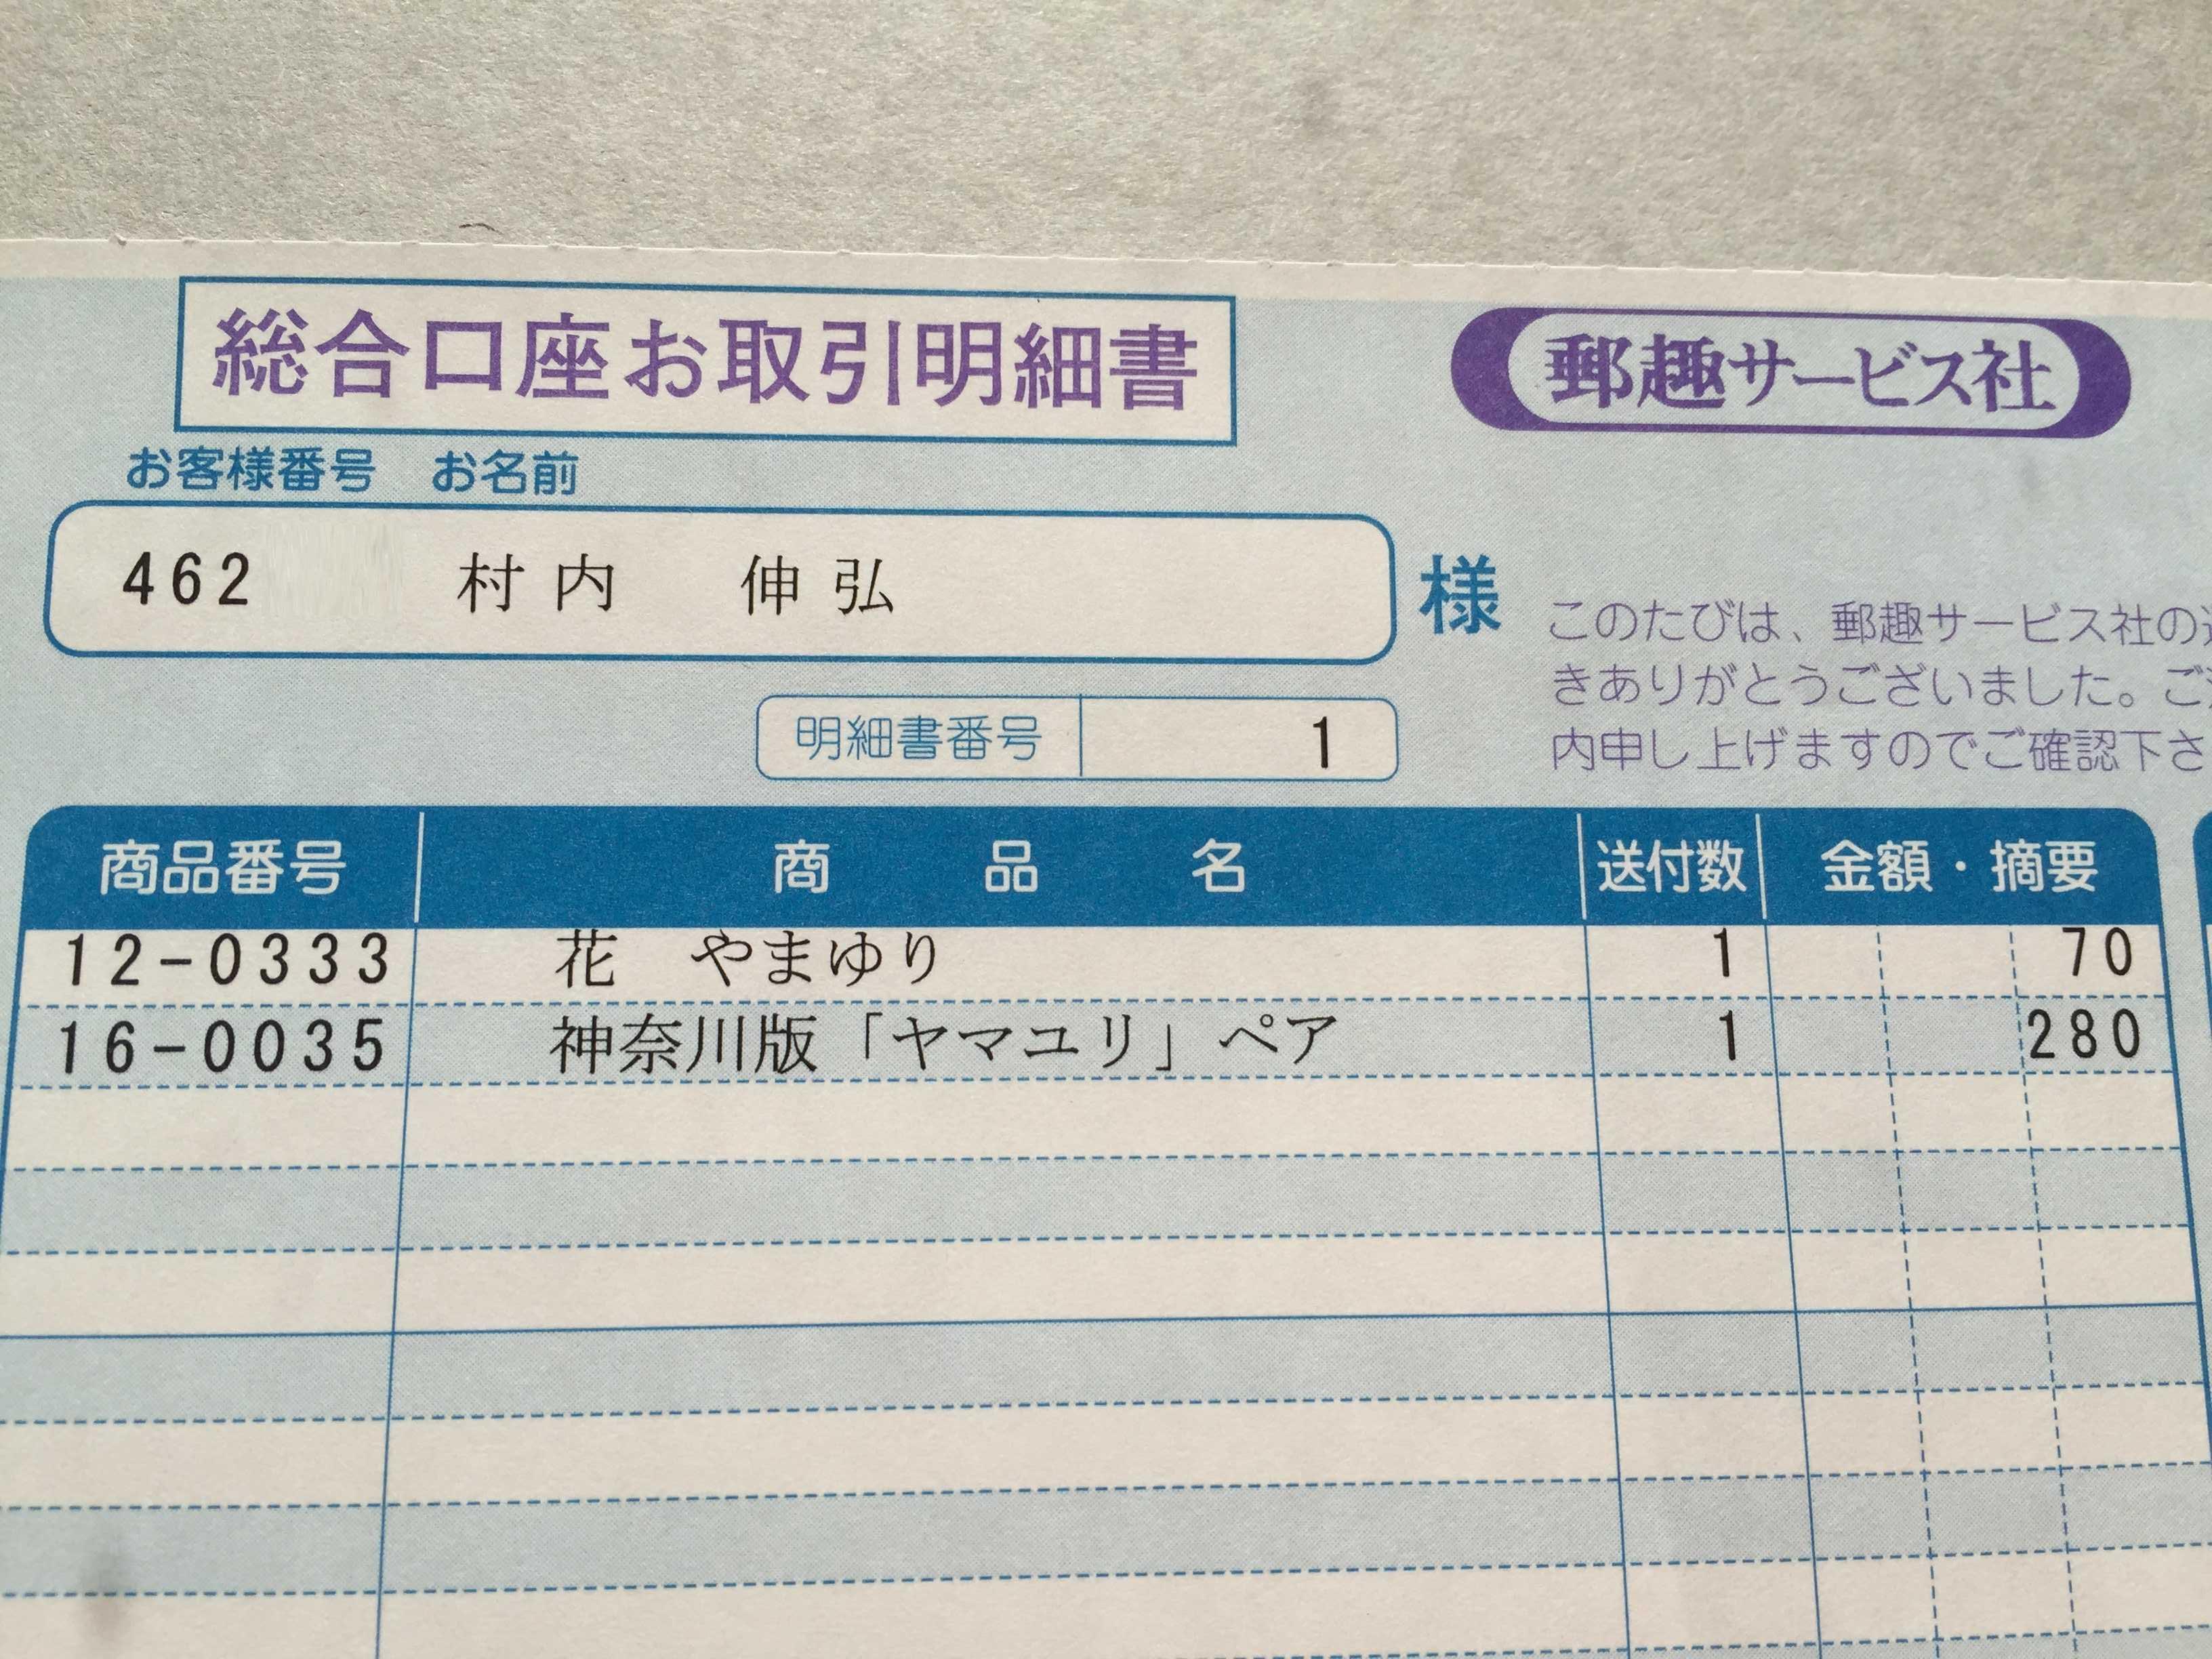 郵趣サービス社さんからのお取引明細書